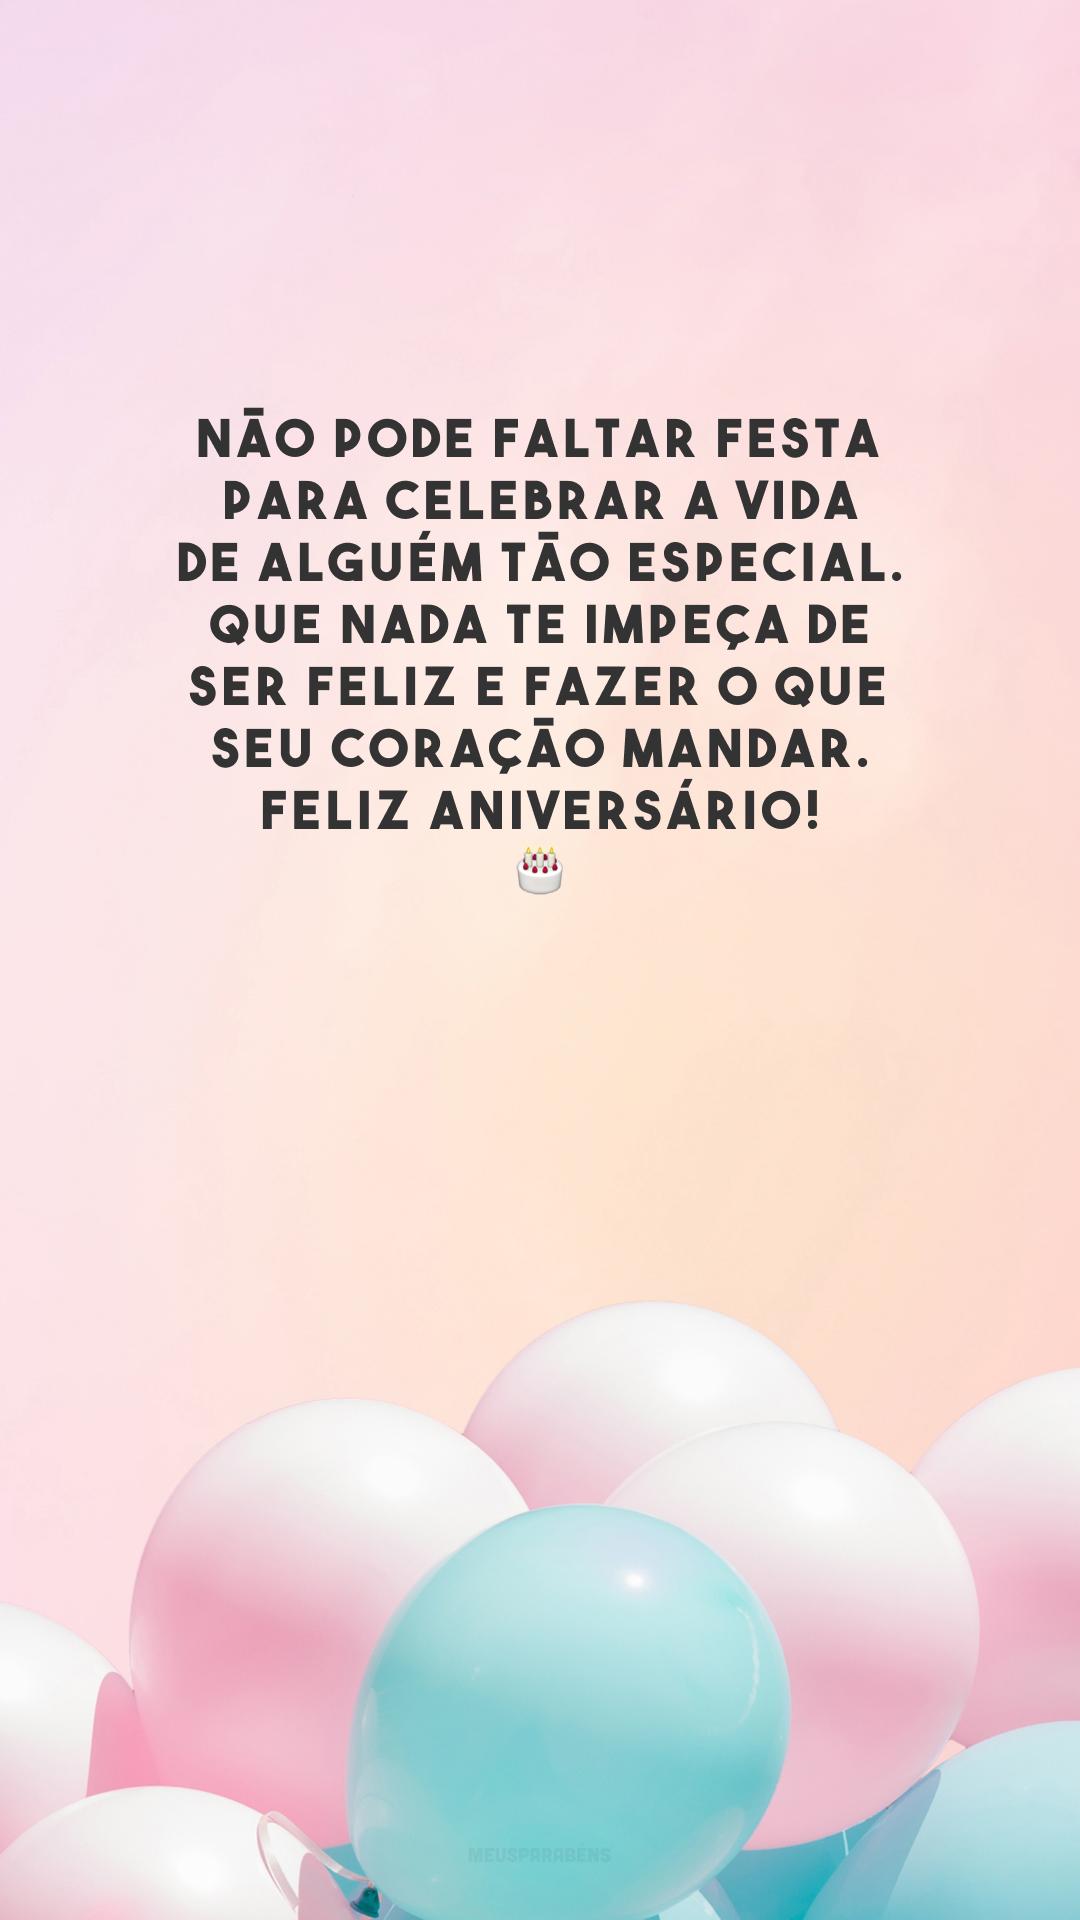 Não pode faltar festa para celebrar a vida de alguém tão especial. Que nada te impeça de ser feliz e fazer o que seu coração mandar. Feliz aniversário!